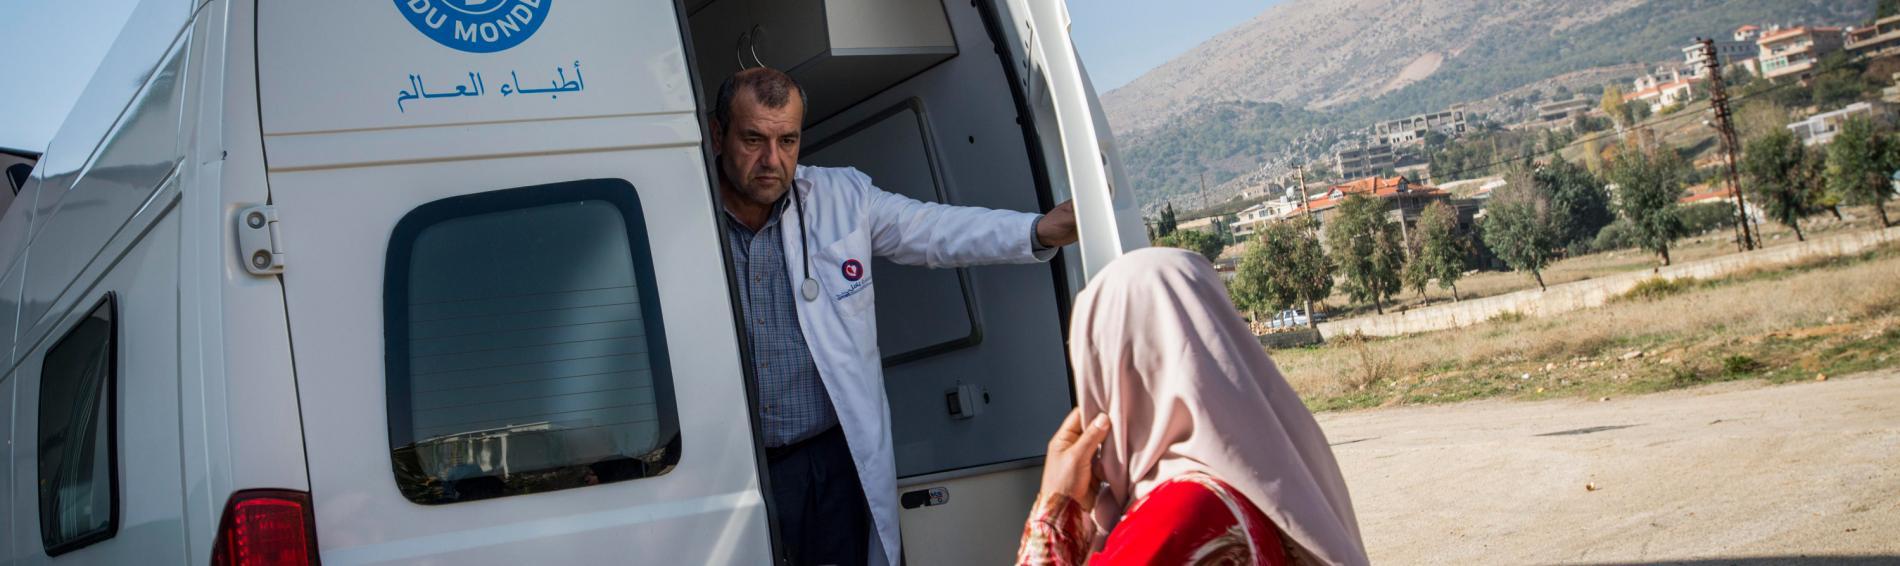 Mobiler Einsatzwagen zur Versorgung von syrischen Flüchtlinge. Foto: Guillaume Pinon